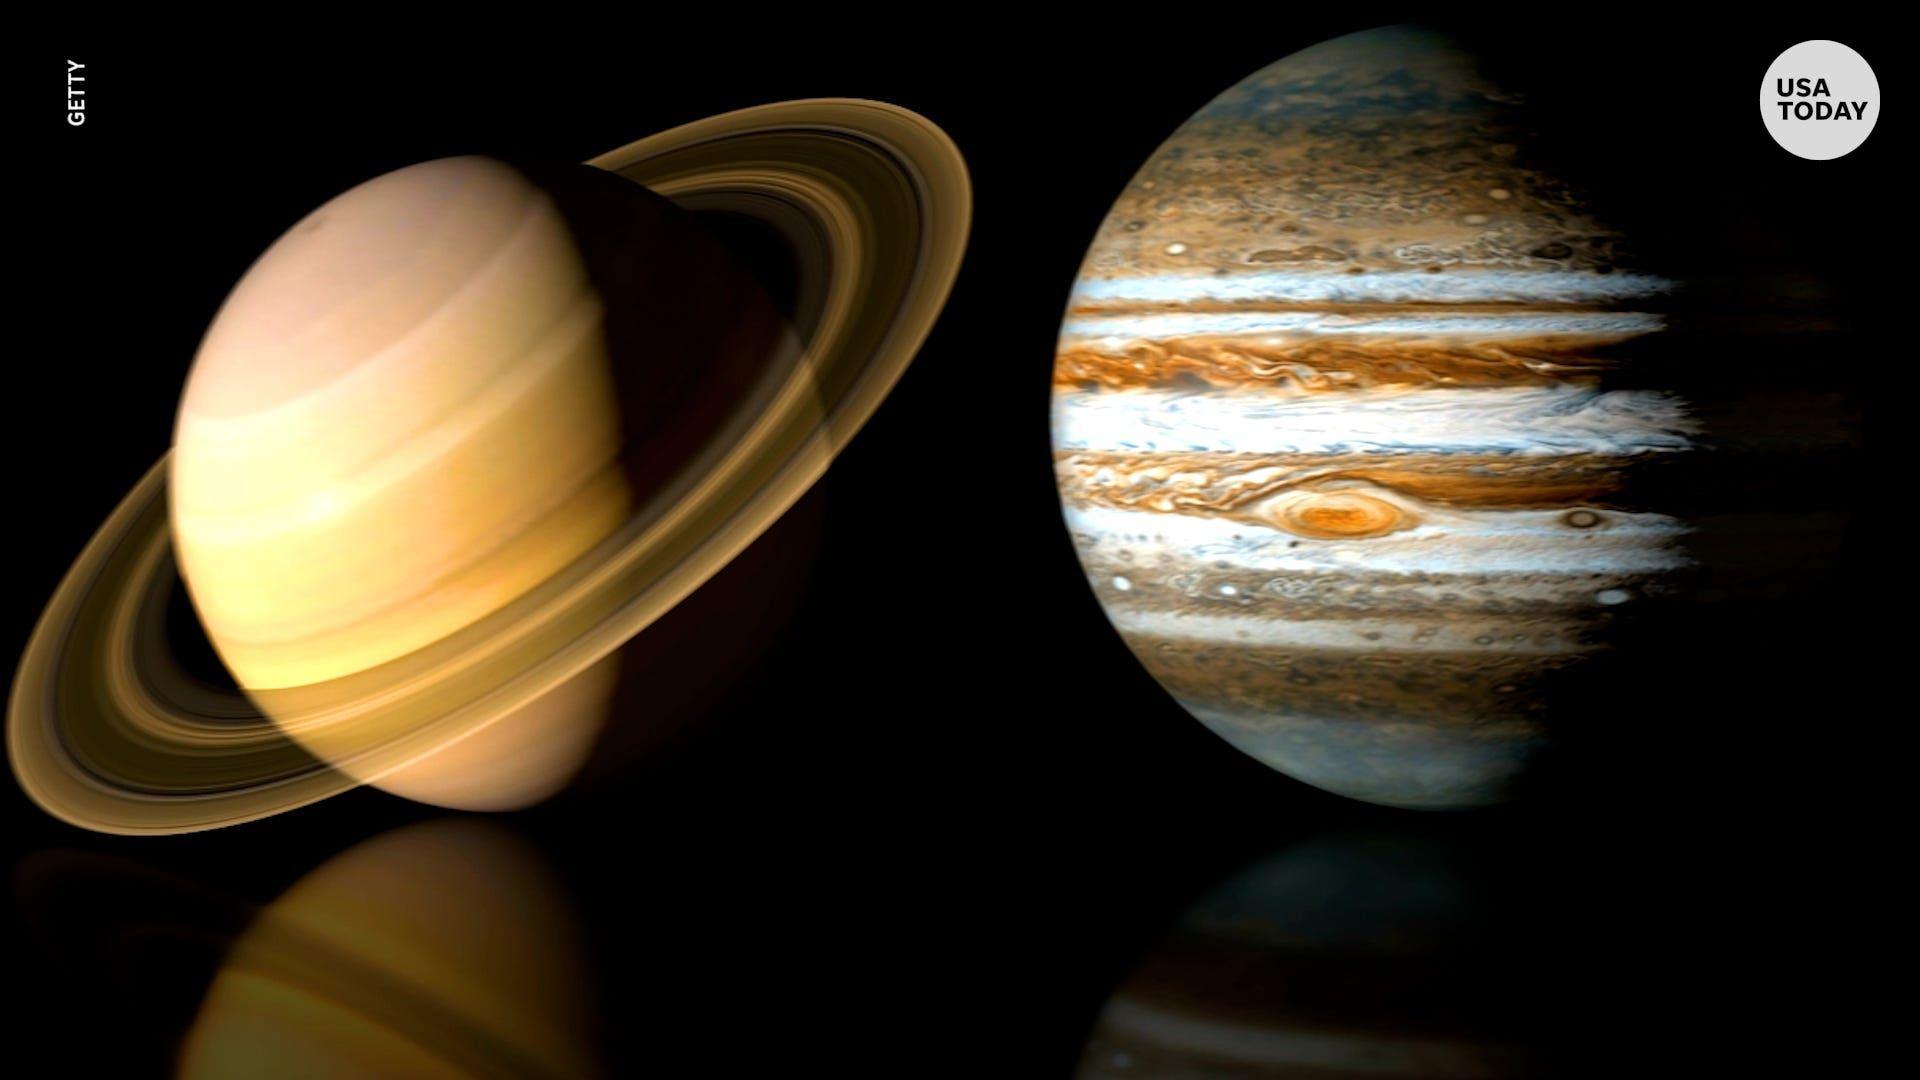 Le immagini di Saturno e Giove sono reali, prese dal Massachusetts Telescope